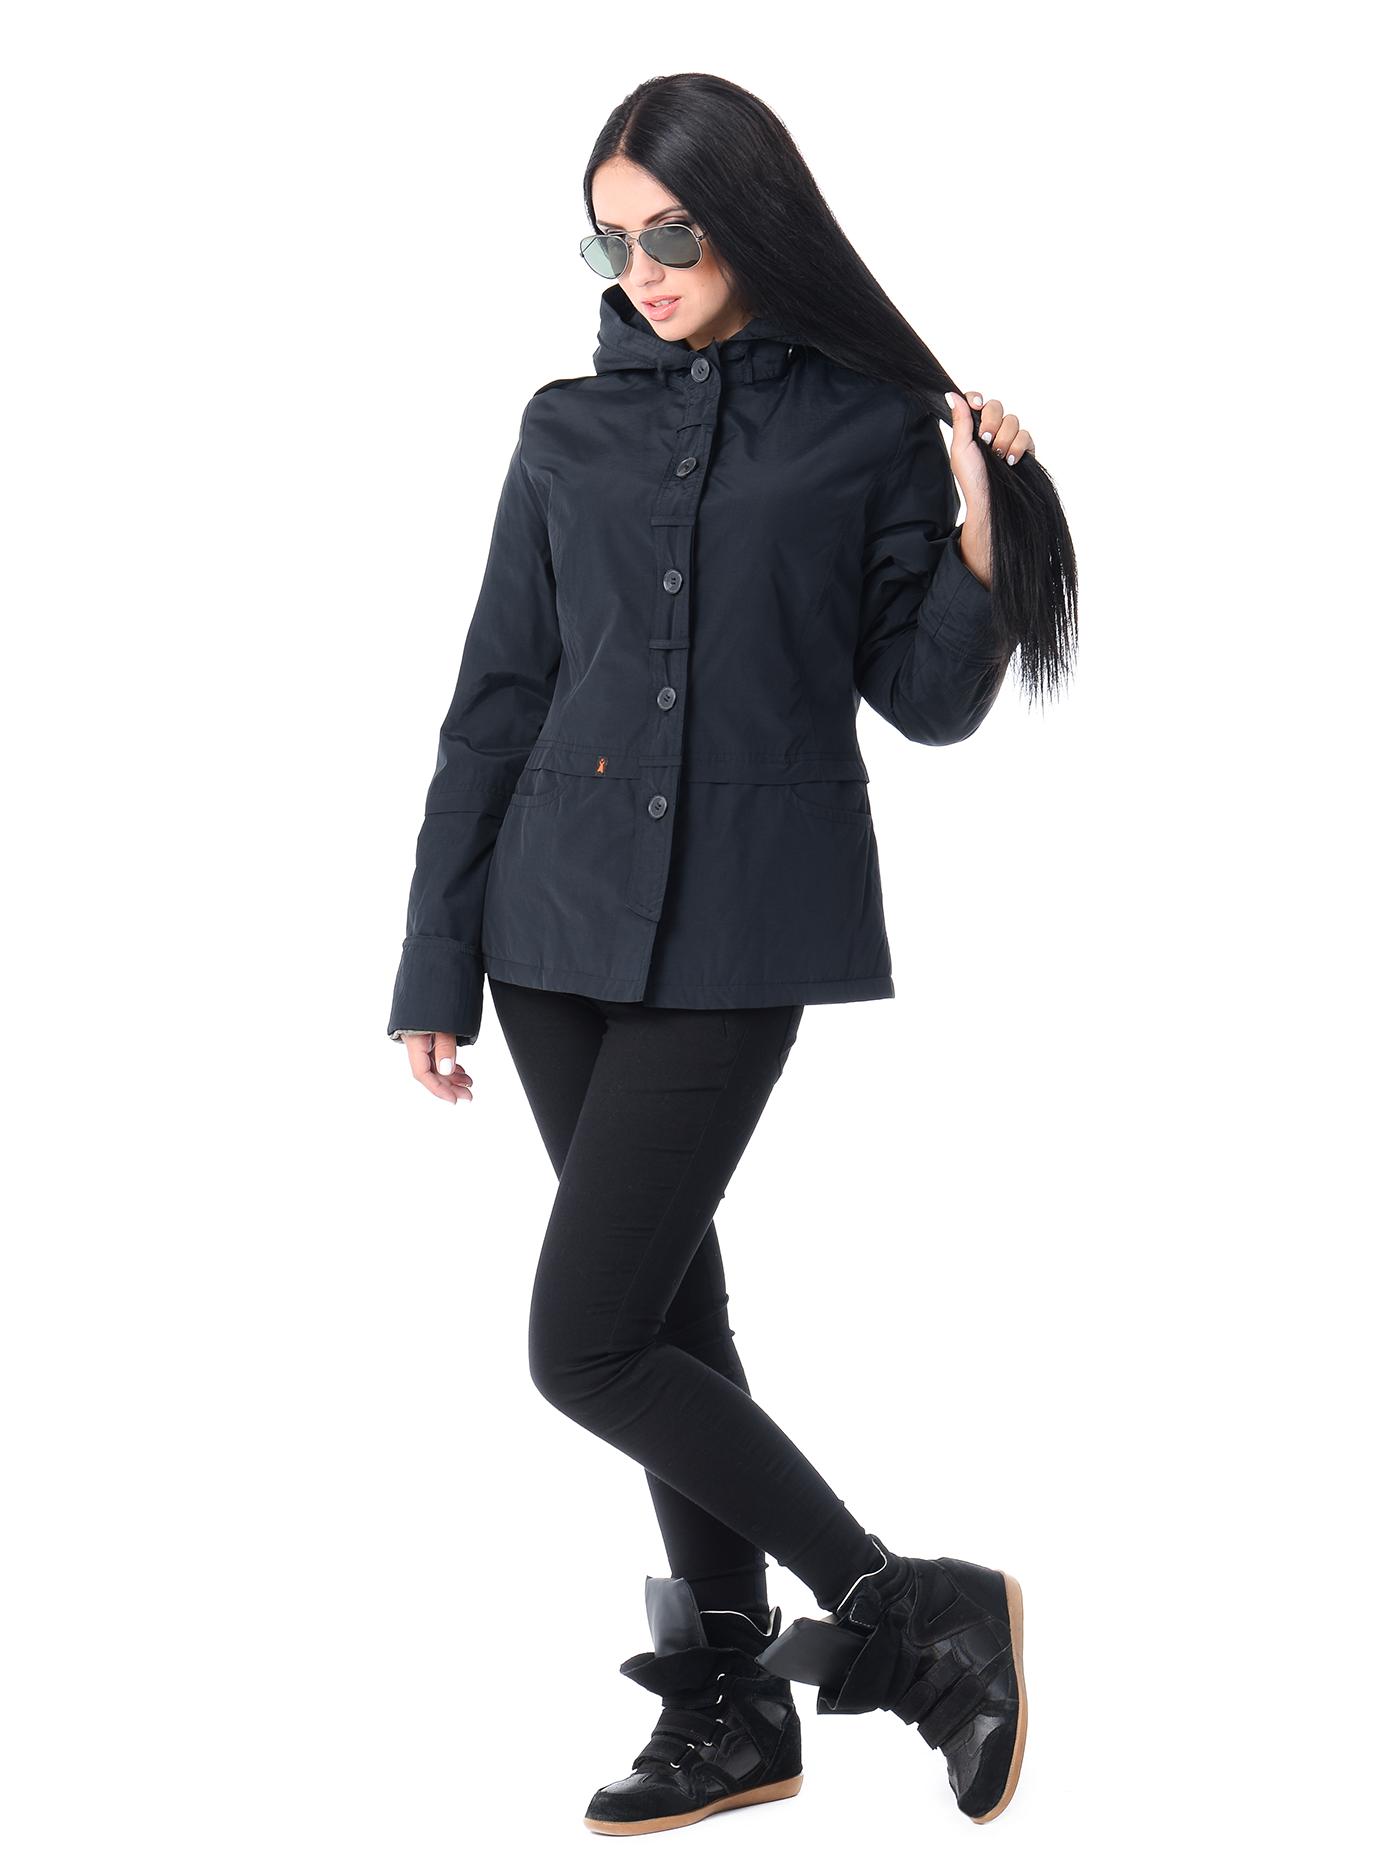 Куртка демисезонная короткая на пуговицах Чёрный S (04-CC19122): фото - Alster.ua